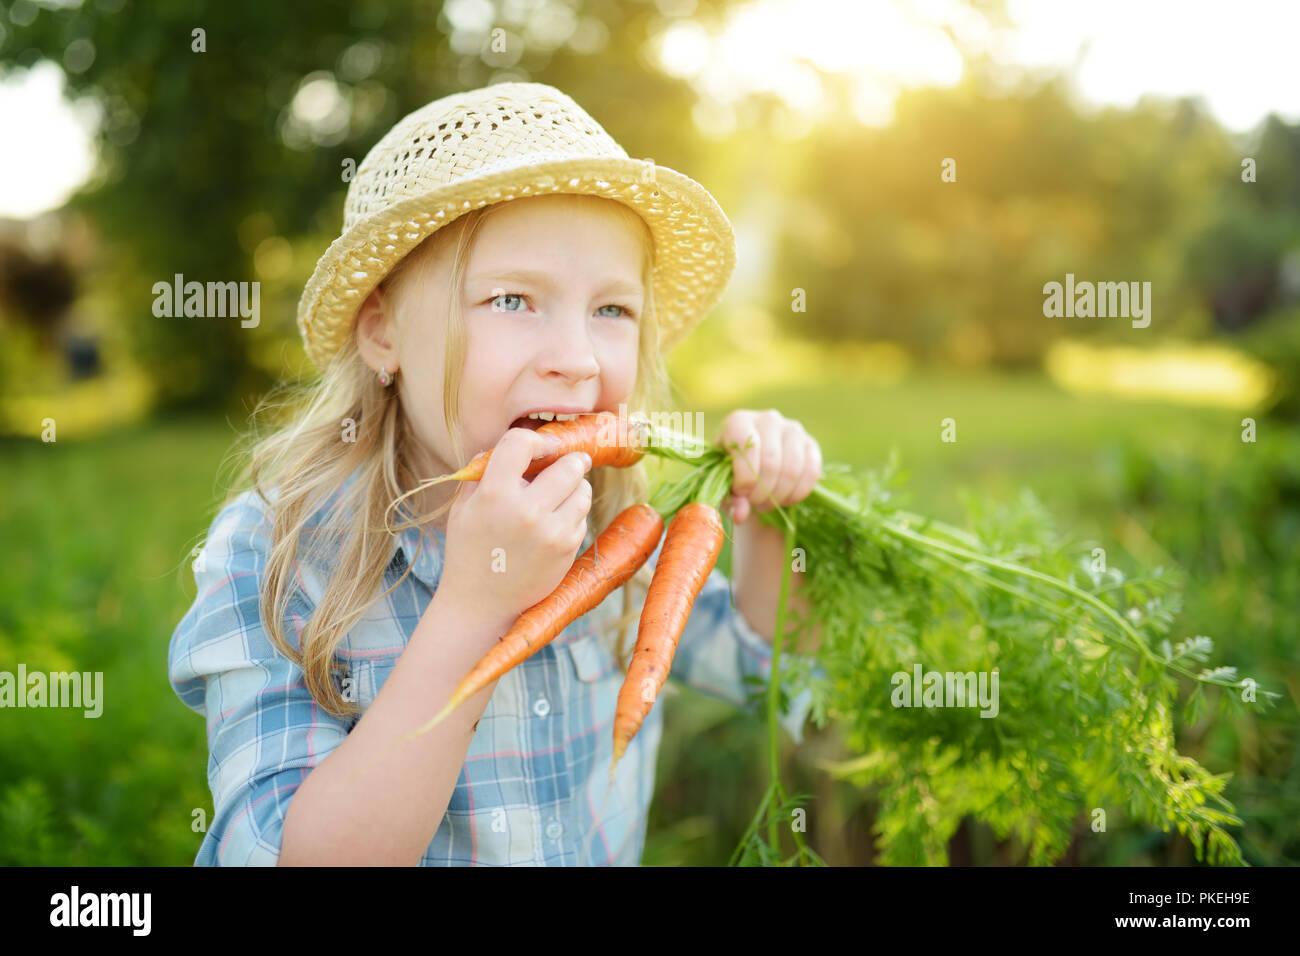 Carino bambina indossa cappello di paglia tenendo un mazzetto di freschi  Carote organico. Fresco e 3c2526c5bbd4